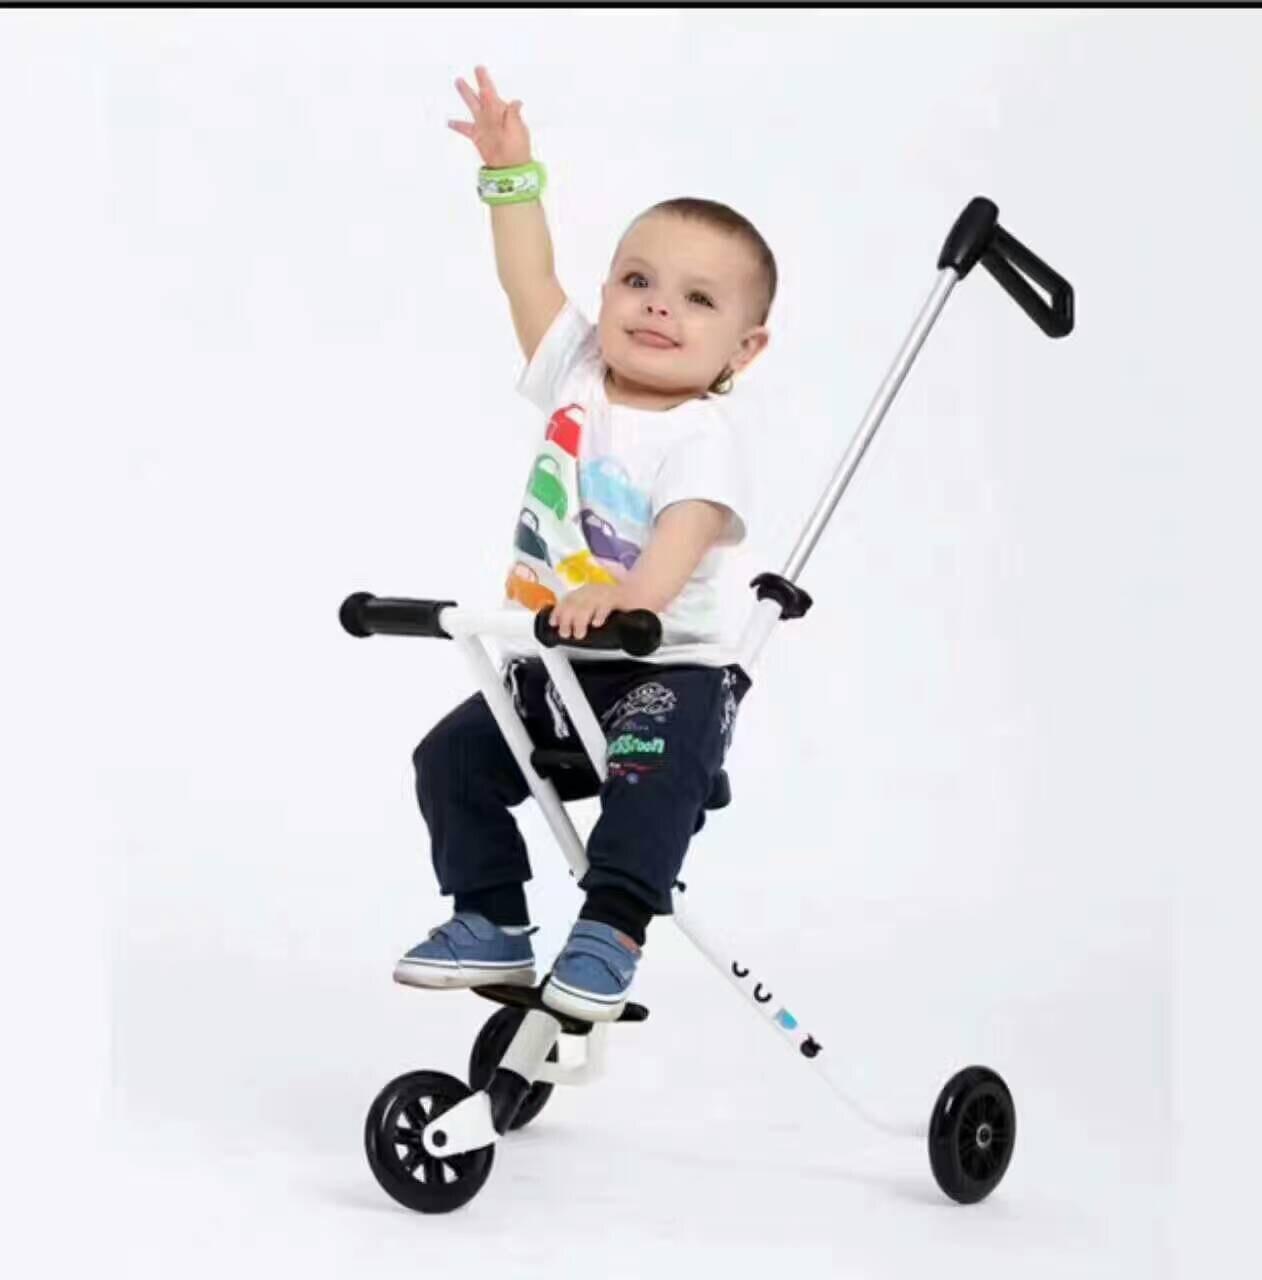 Lk710 три ПУ Колёса Детский самокат складной Сталь ноги самокат белый Детские коляски для 0-3 лет 30 кг подшипник ...